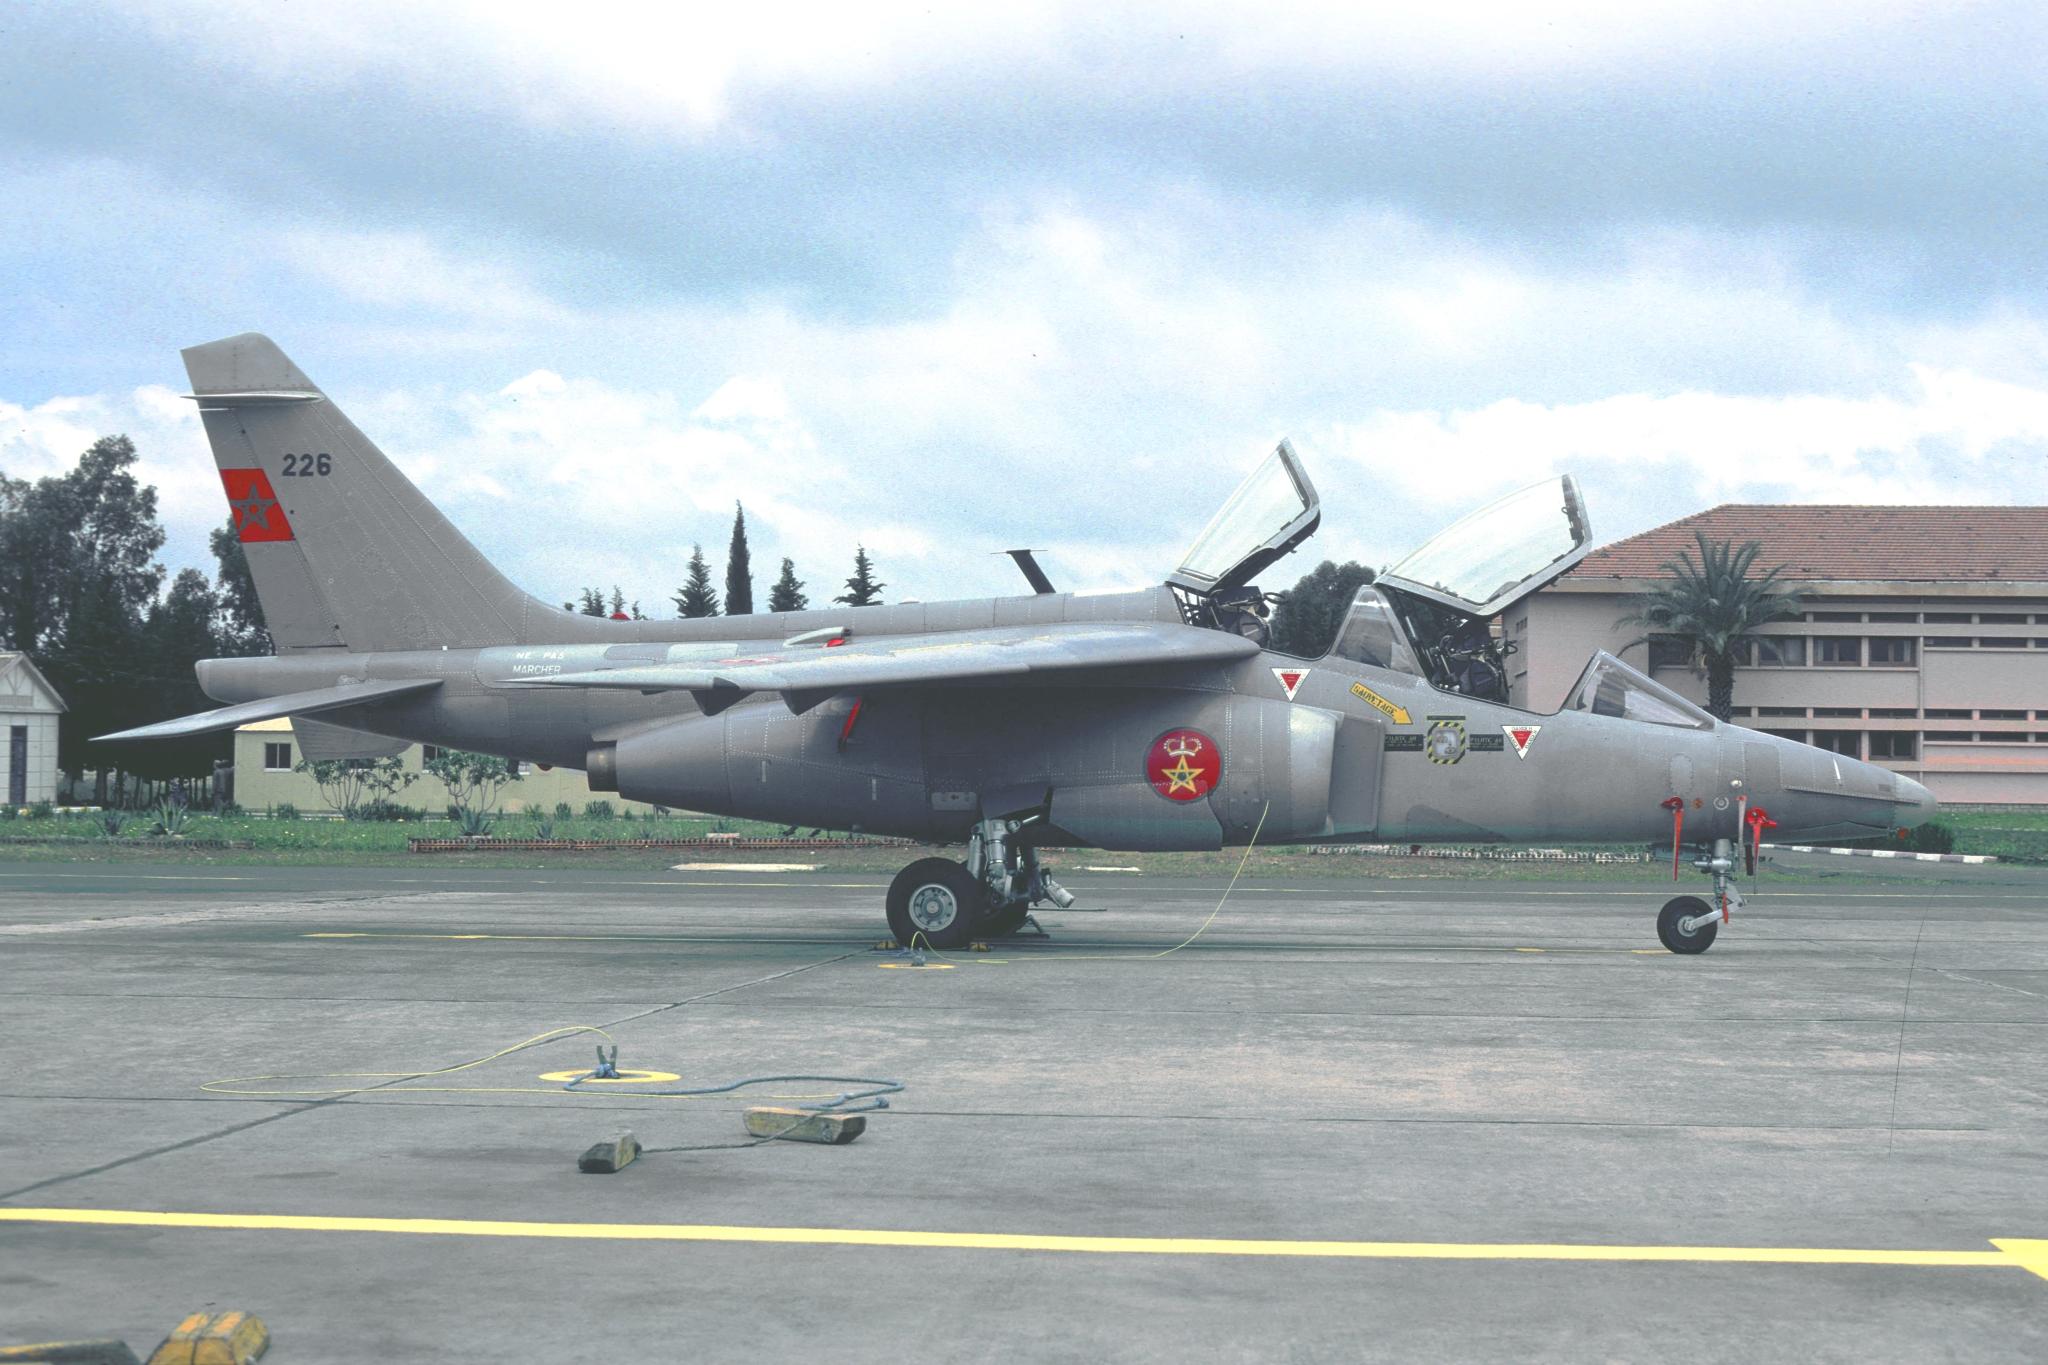 FRA: Photos avions d'entrainement et anti insurrection - Page 9 48862597161_73ca06cd2a_o